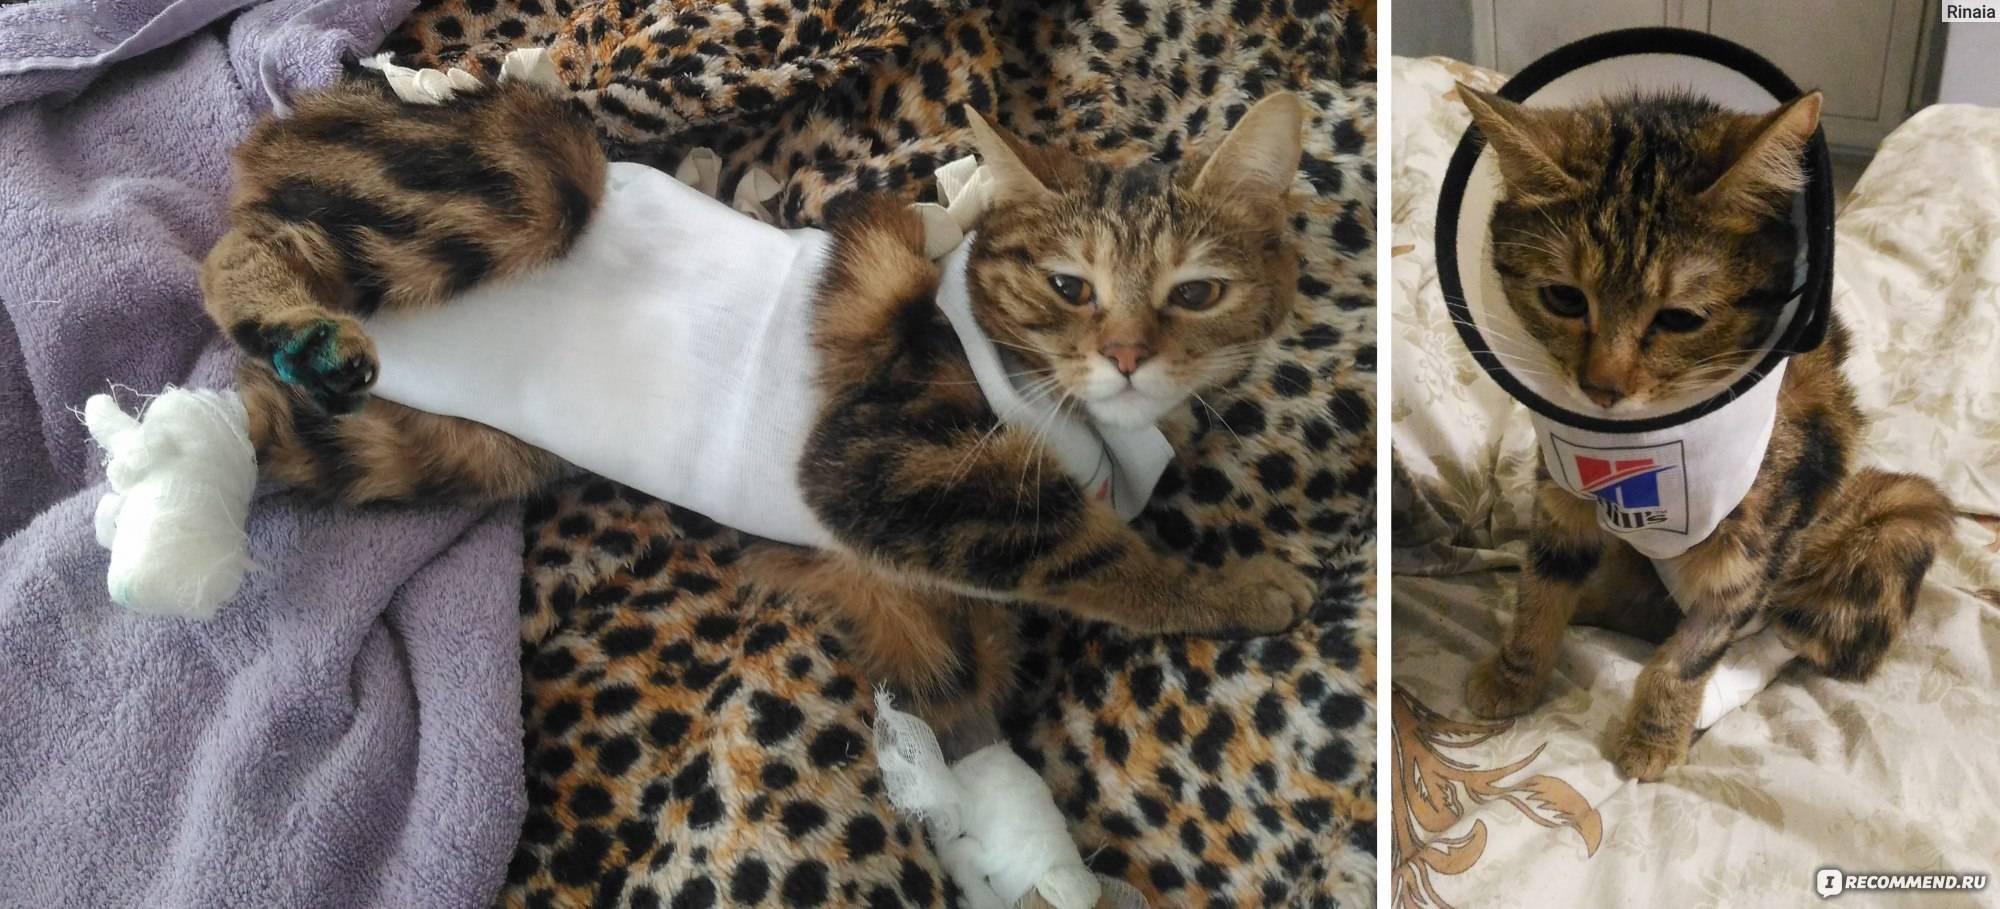 Сколько в среднем живут кошки домашние стерилизованные, влияет ли кастрация на продолжительность жизни котов?